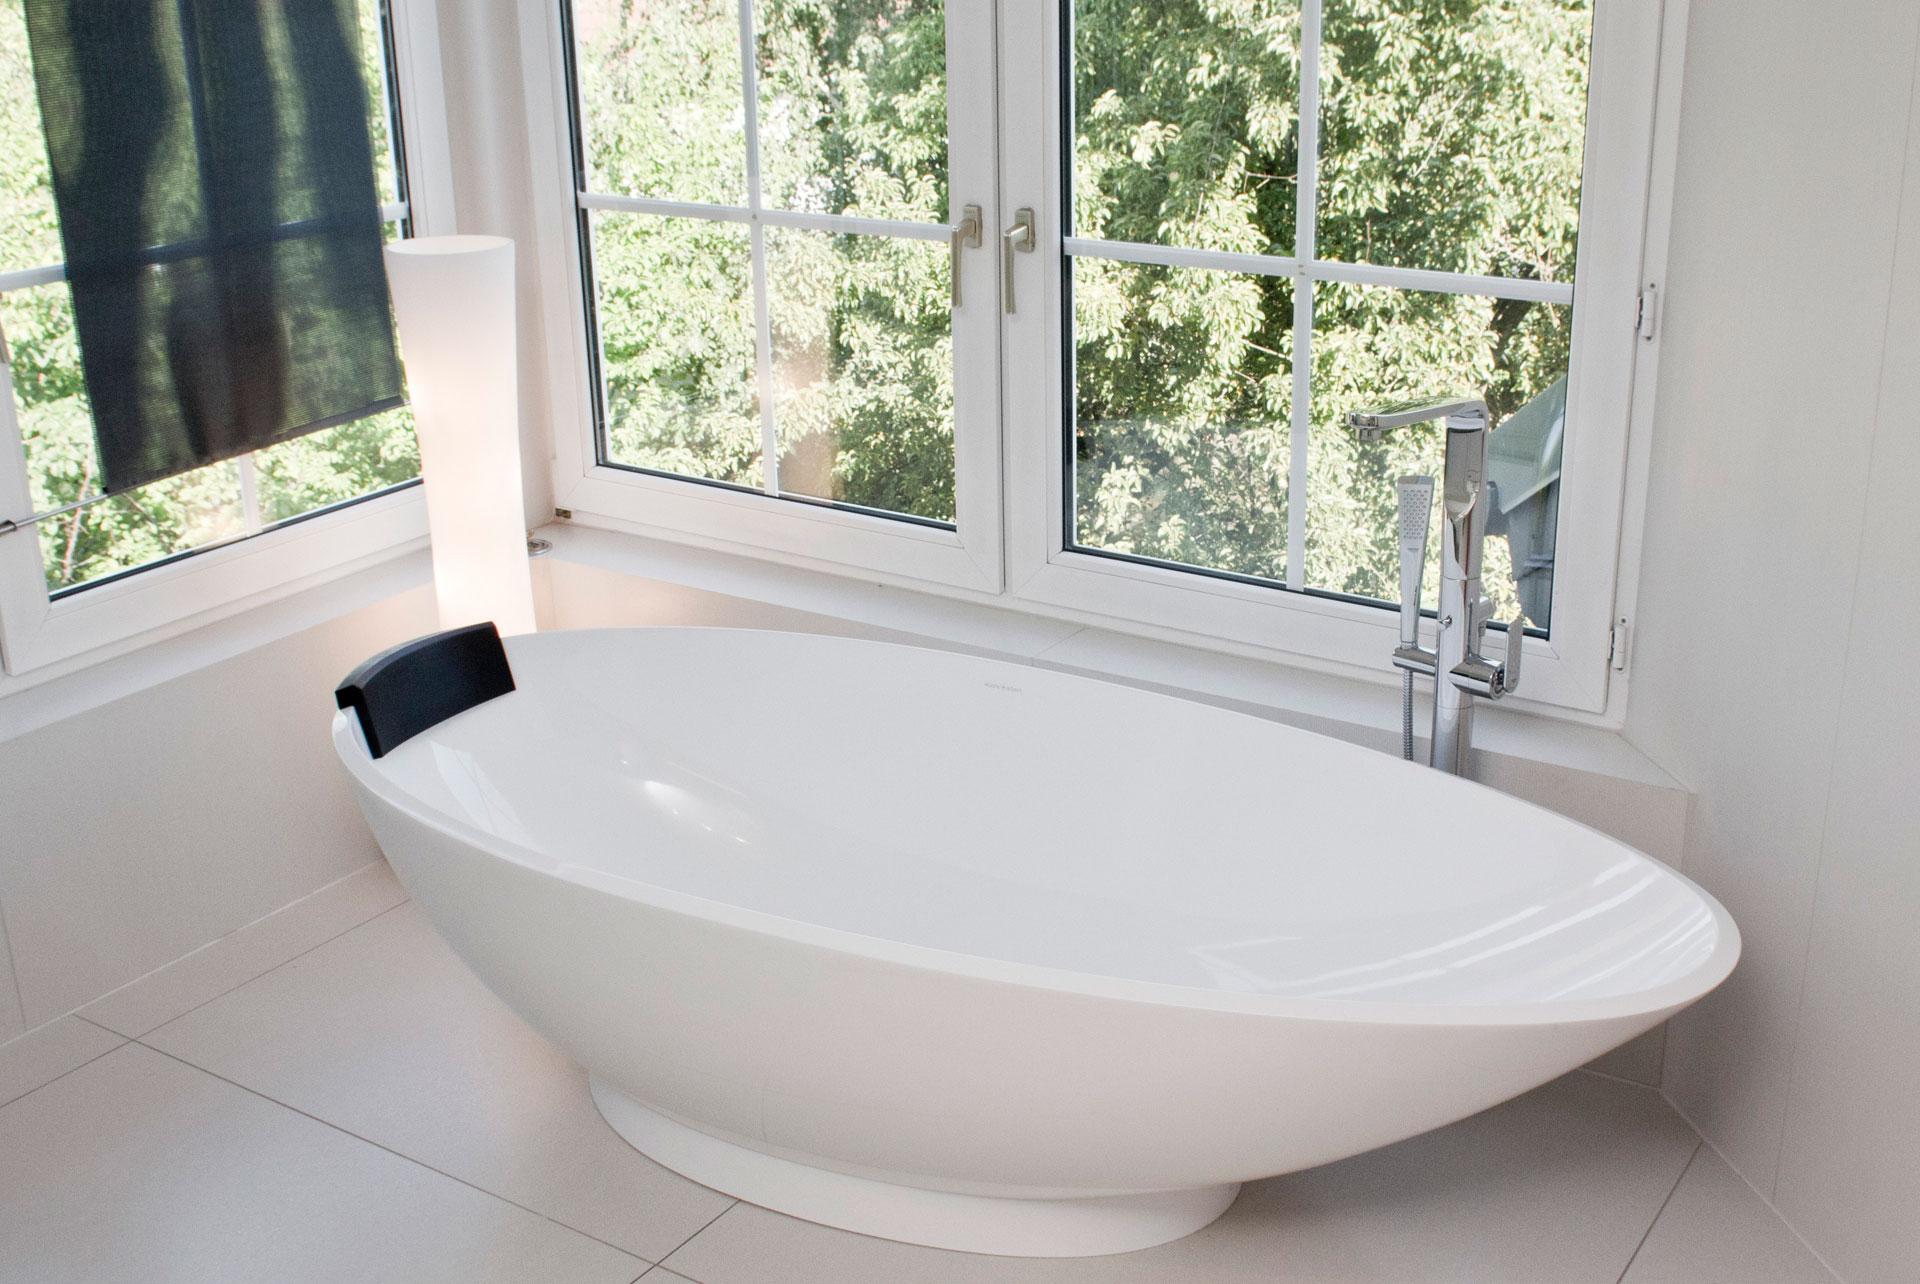 33 Verwinkeltes Designerbad – B–HM Interieur Projekte Victoria & Albert Napoli freistehende Badewanne